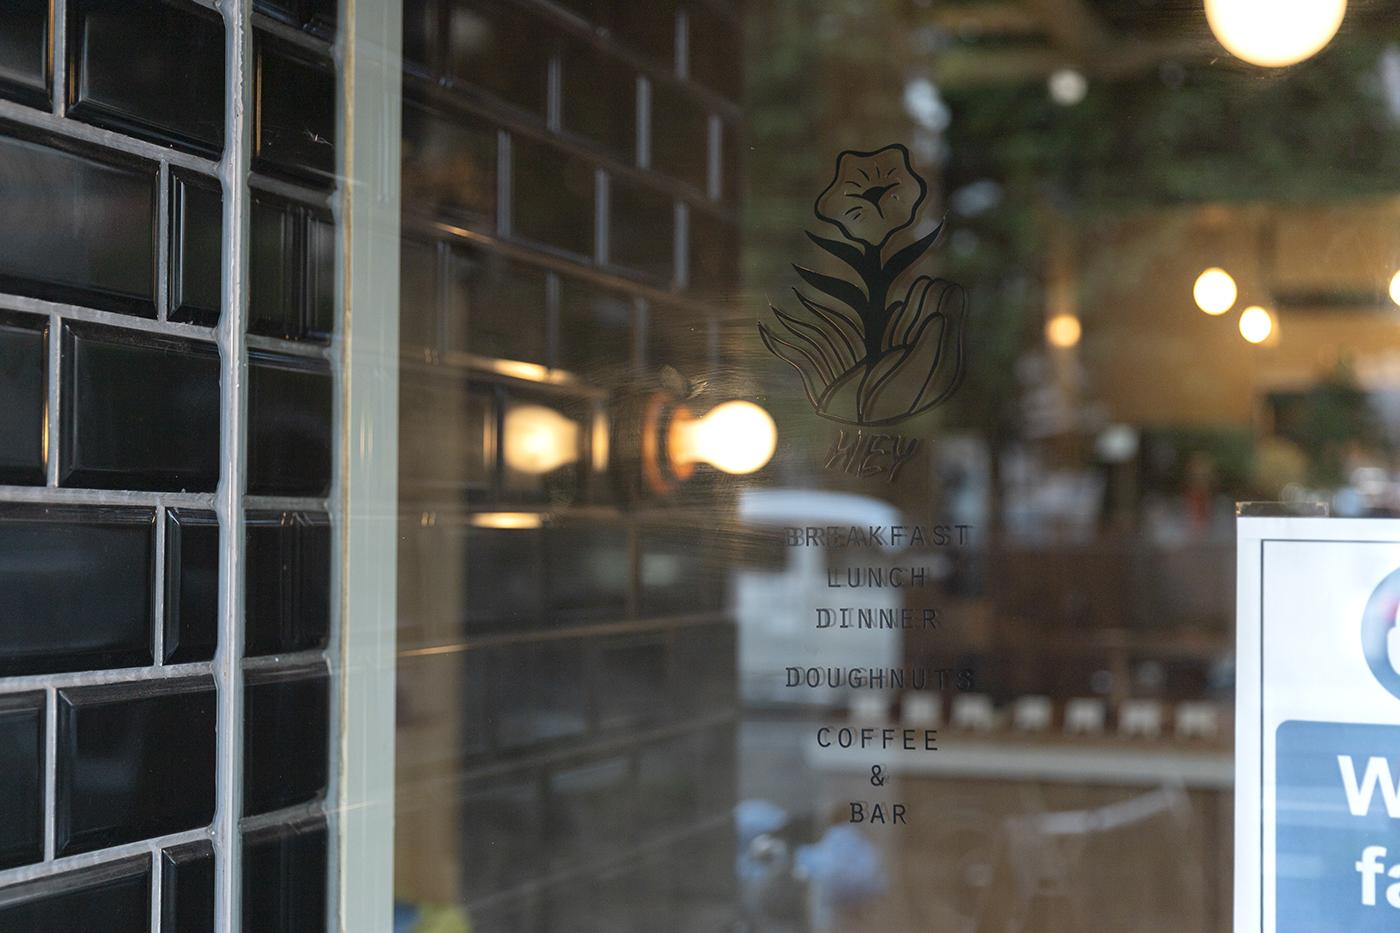 仙台のカフェ「HEY」のウィンドウに書かれた仙台のカフェ「HEY」のウィンドウに書かれたメニュー